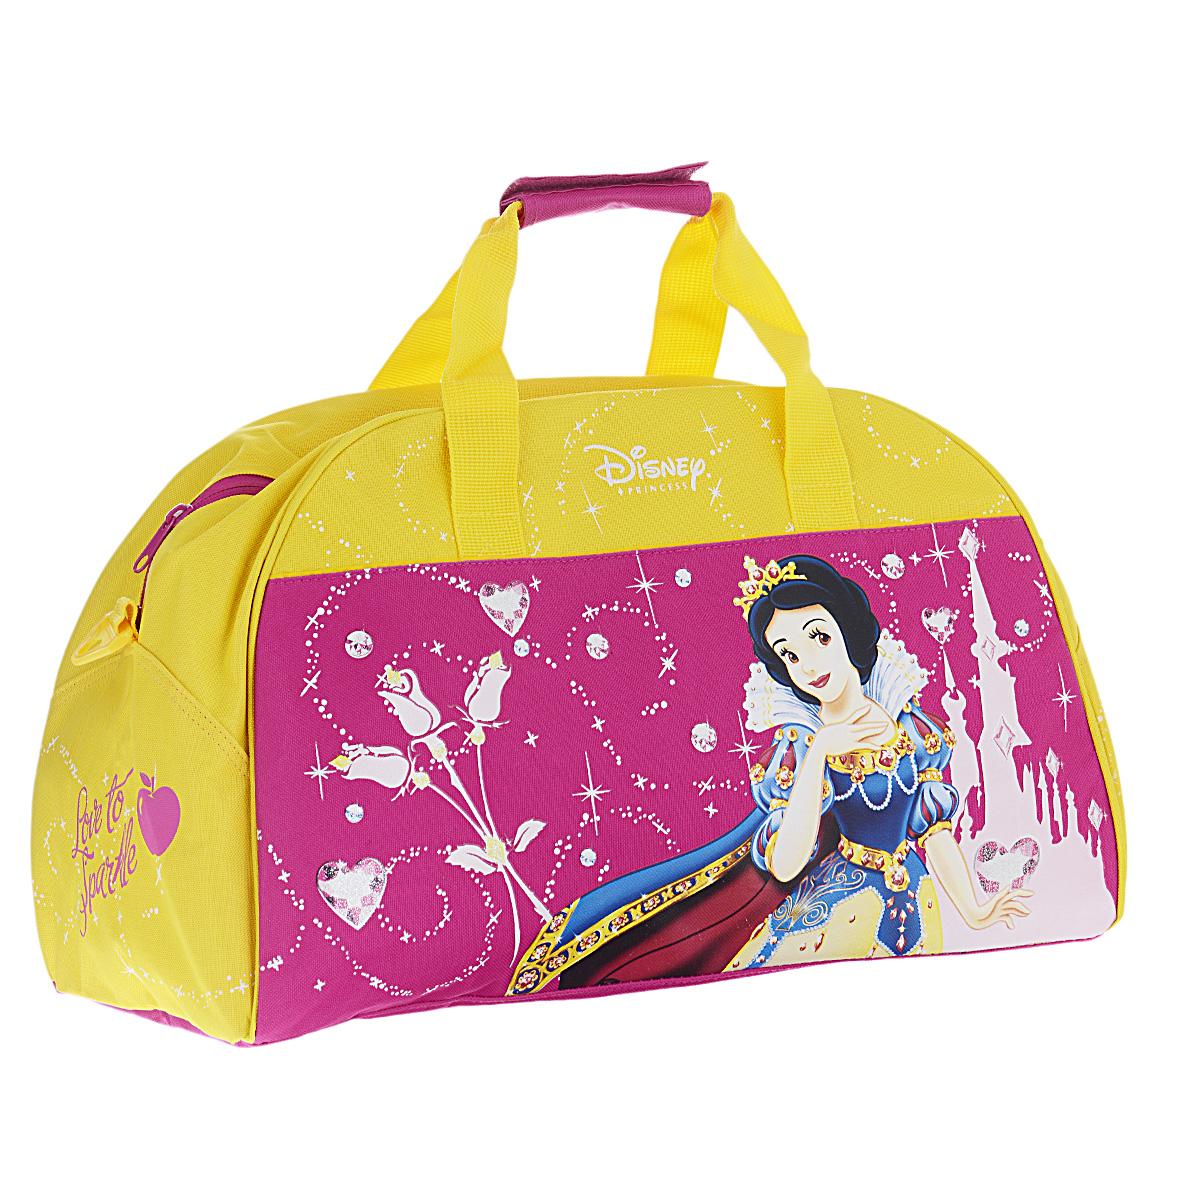 Купить Disney Princess Сумка спортивная детская цвет розовый желтый